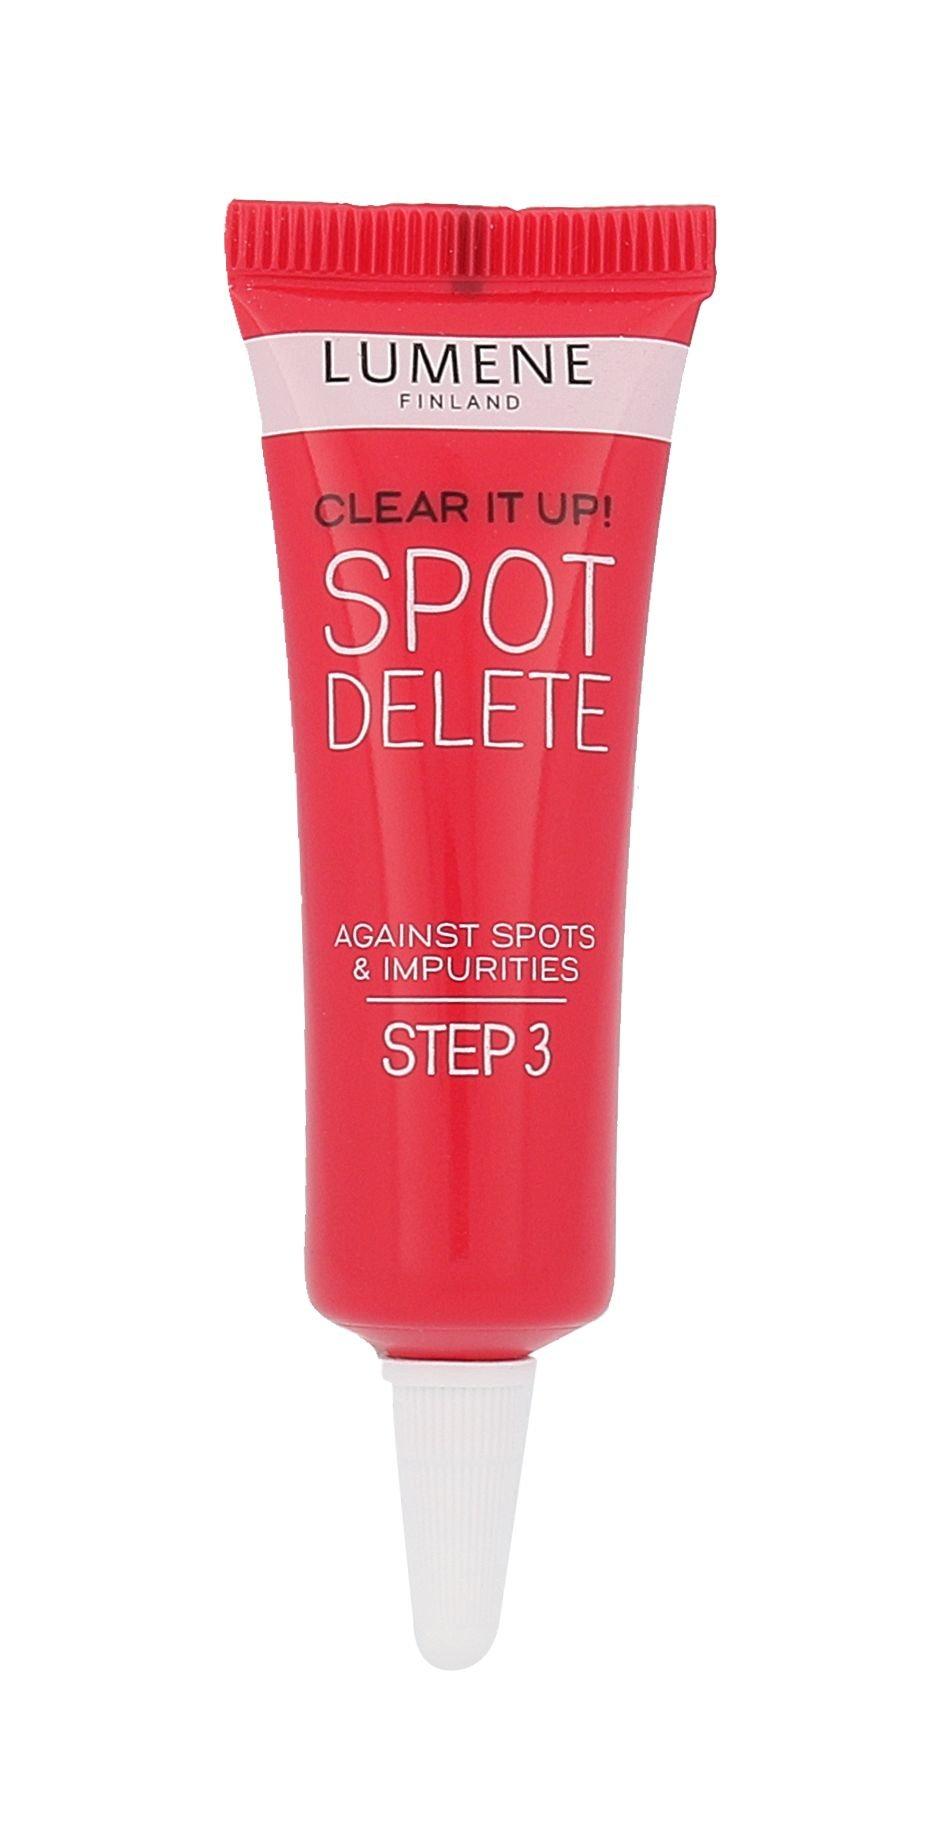 Lumene Clear It Up! Spot Delete Cosmetic 10ml